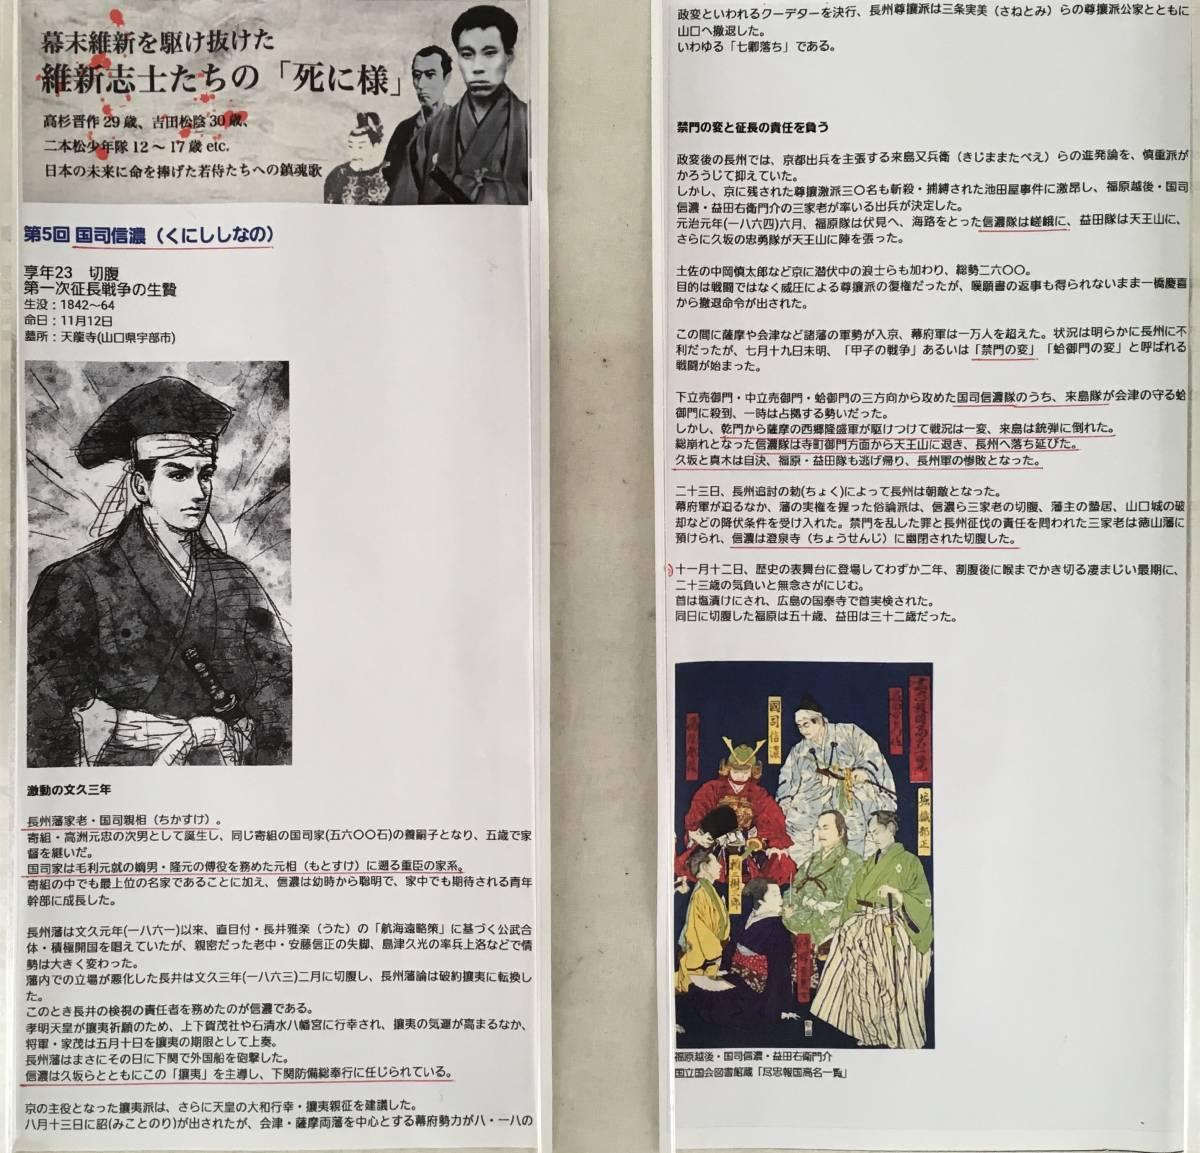 切腹!/[国司信濃肖像画]/長州藩の家老/禁門の変_画像6